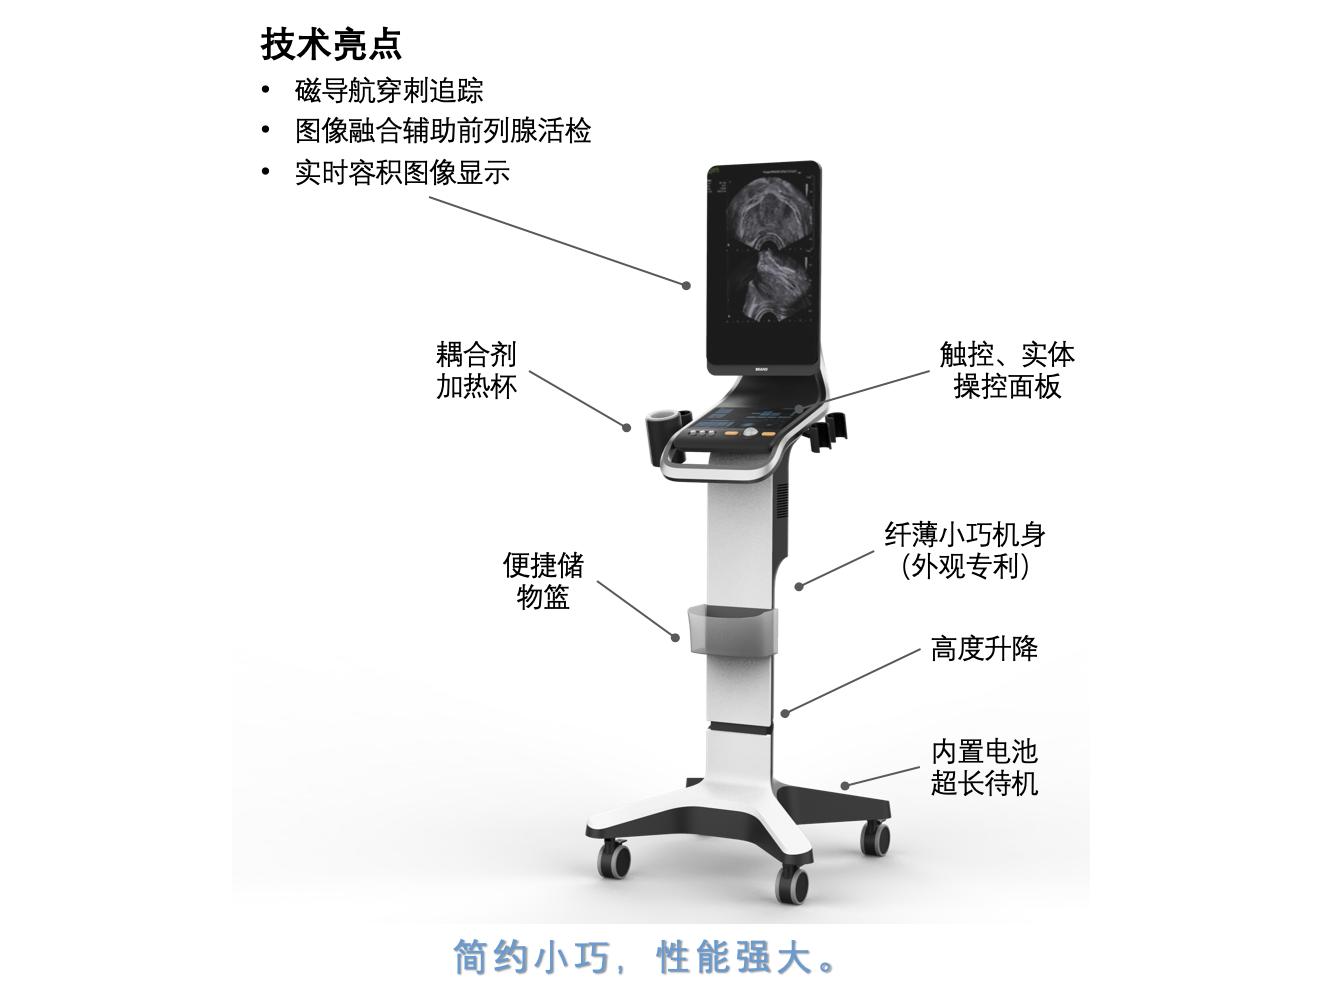 新加坡奥昇医疗科技,奥昇绿色超声,泌尿前列腺,穿刺,设备